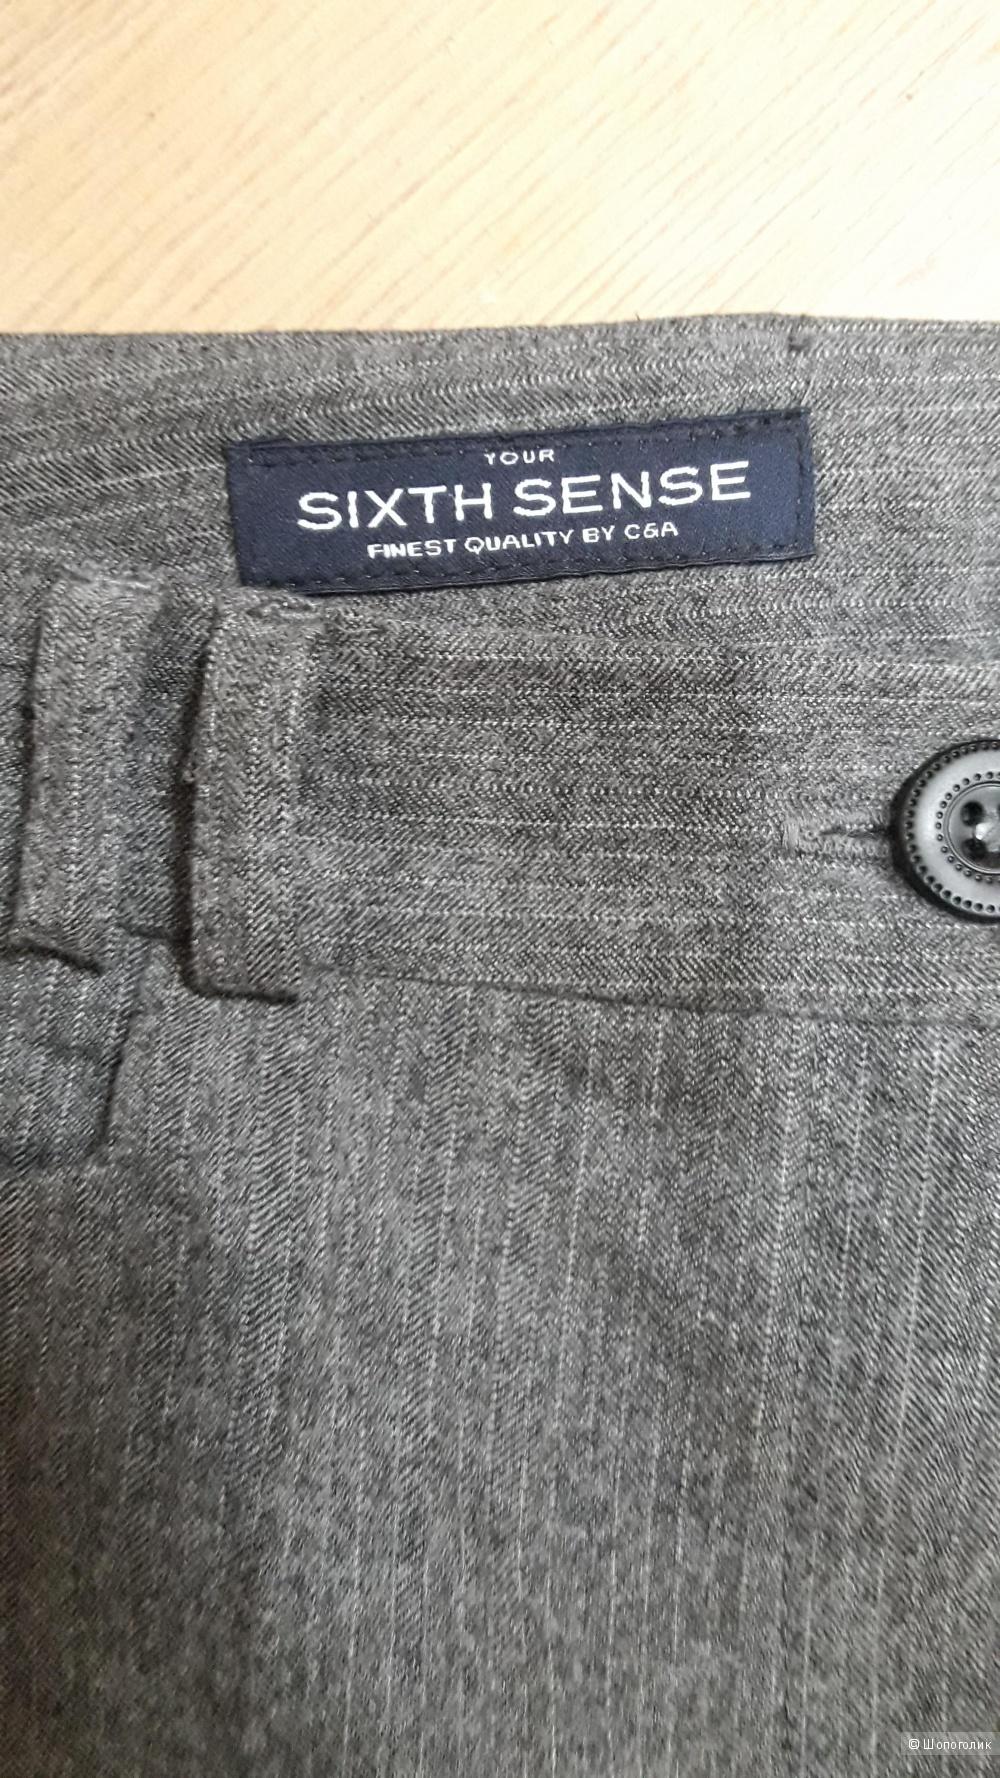 Брюки-кюлоты Sixth sense C&A размер 44-46